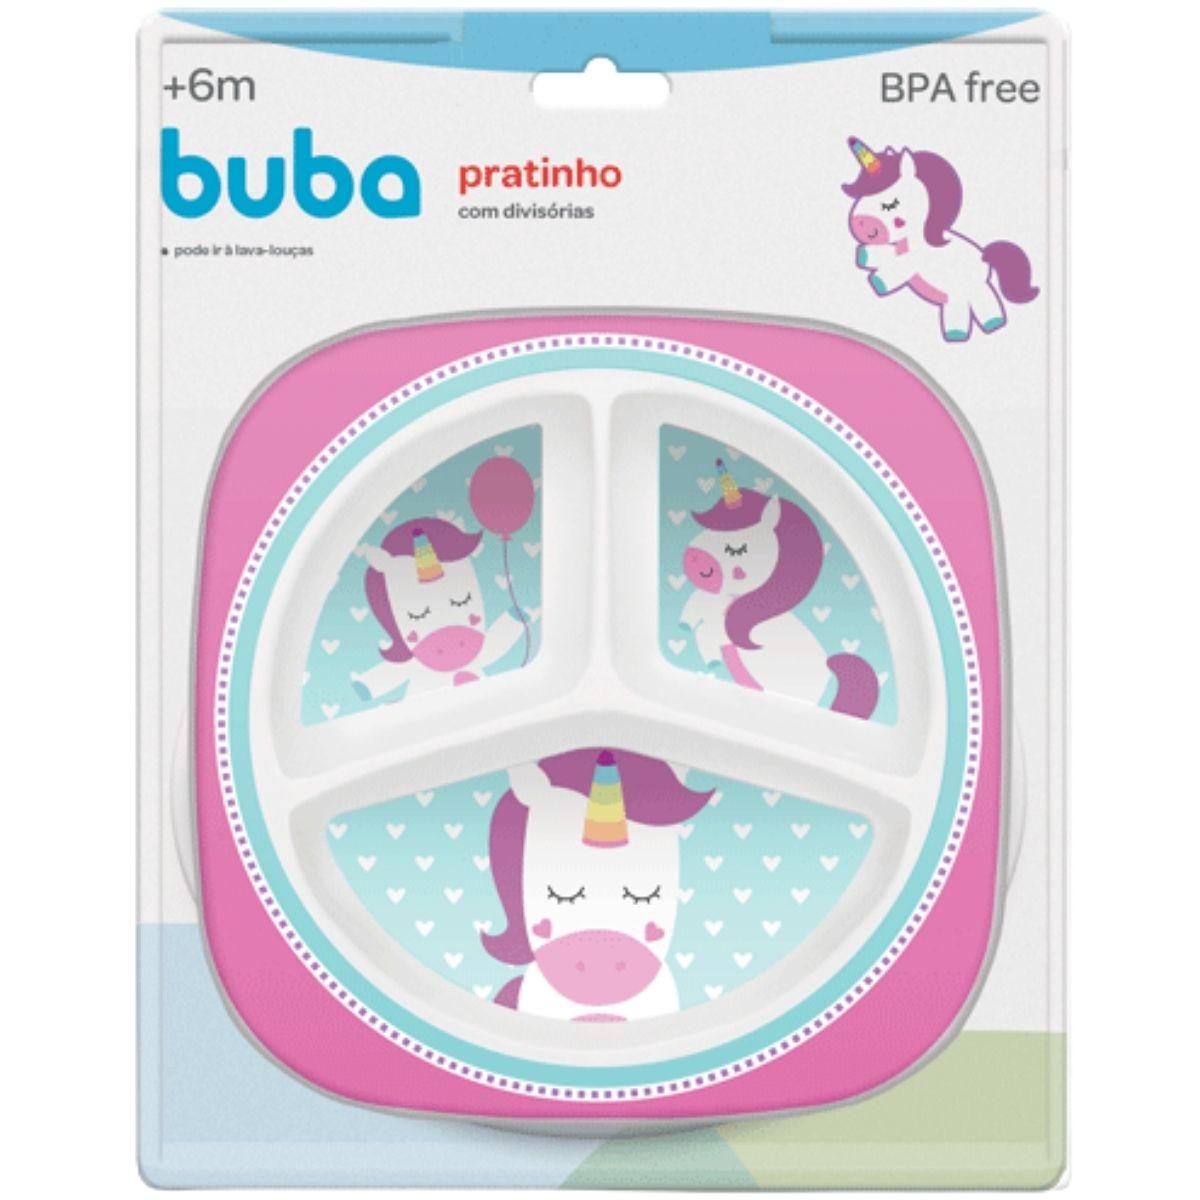 Prato Infantil Bebê Com 3 Divisórias BPA Free Unicórnio Buba